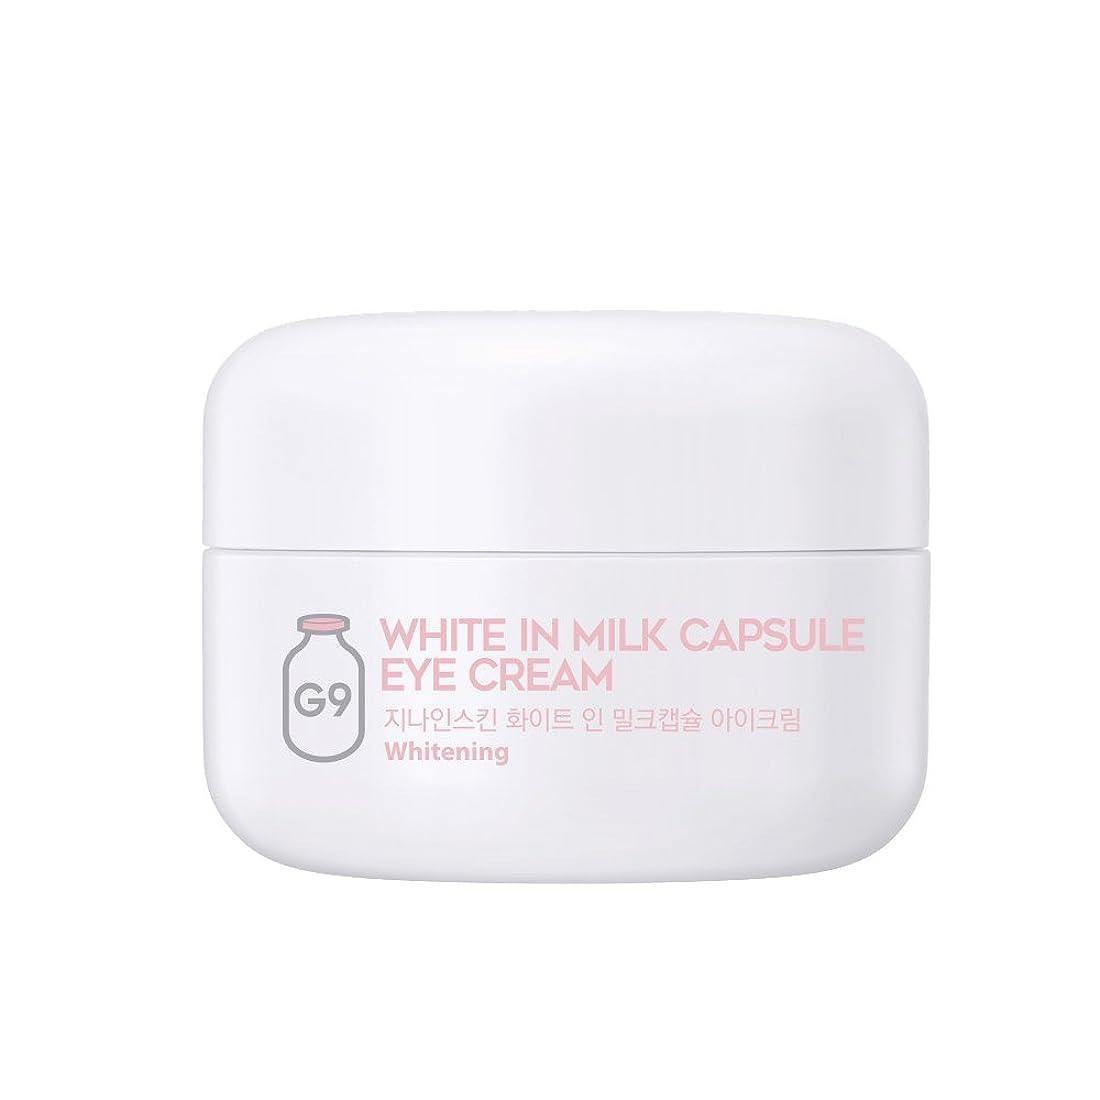 倫理的対立海岸G9SKIN(ベリサム) White In Milk Capsule Eye Cream ホワイトインミルクカプセルアイクリーム 30g